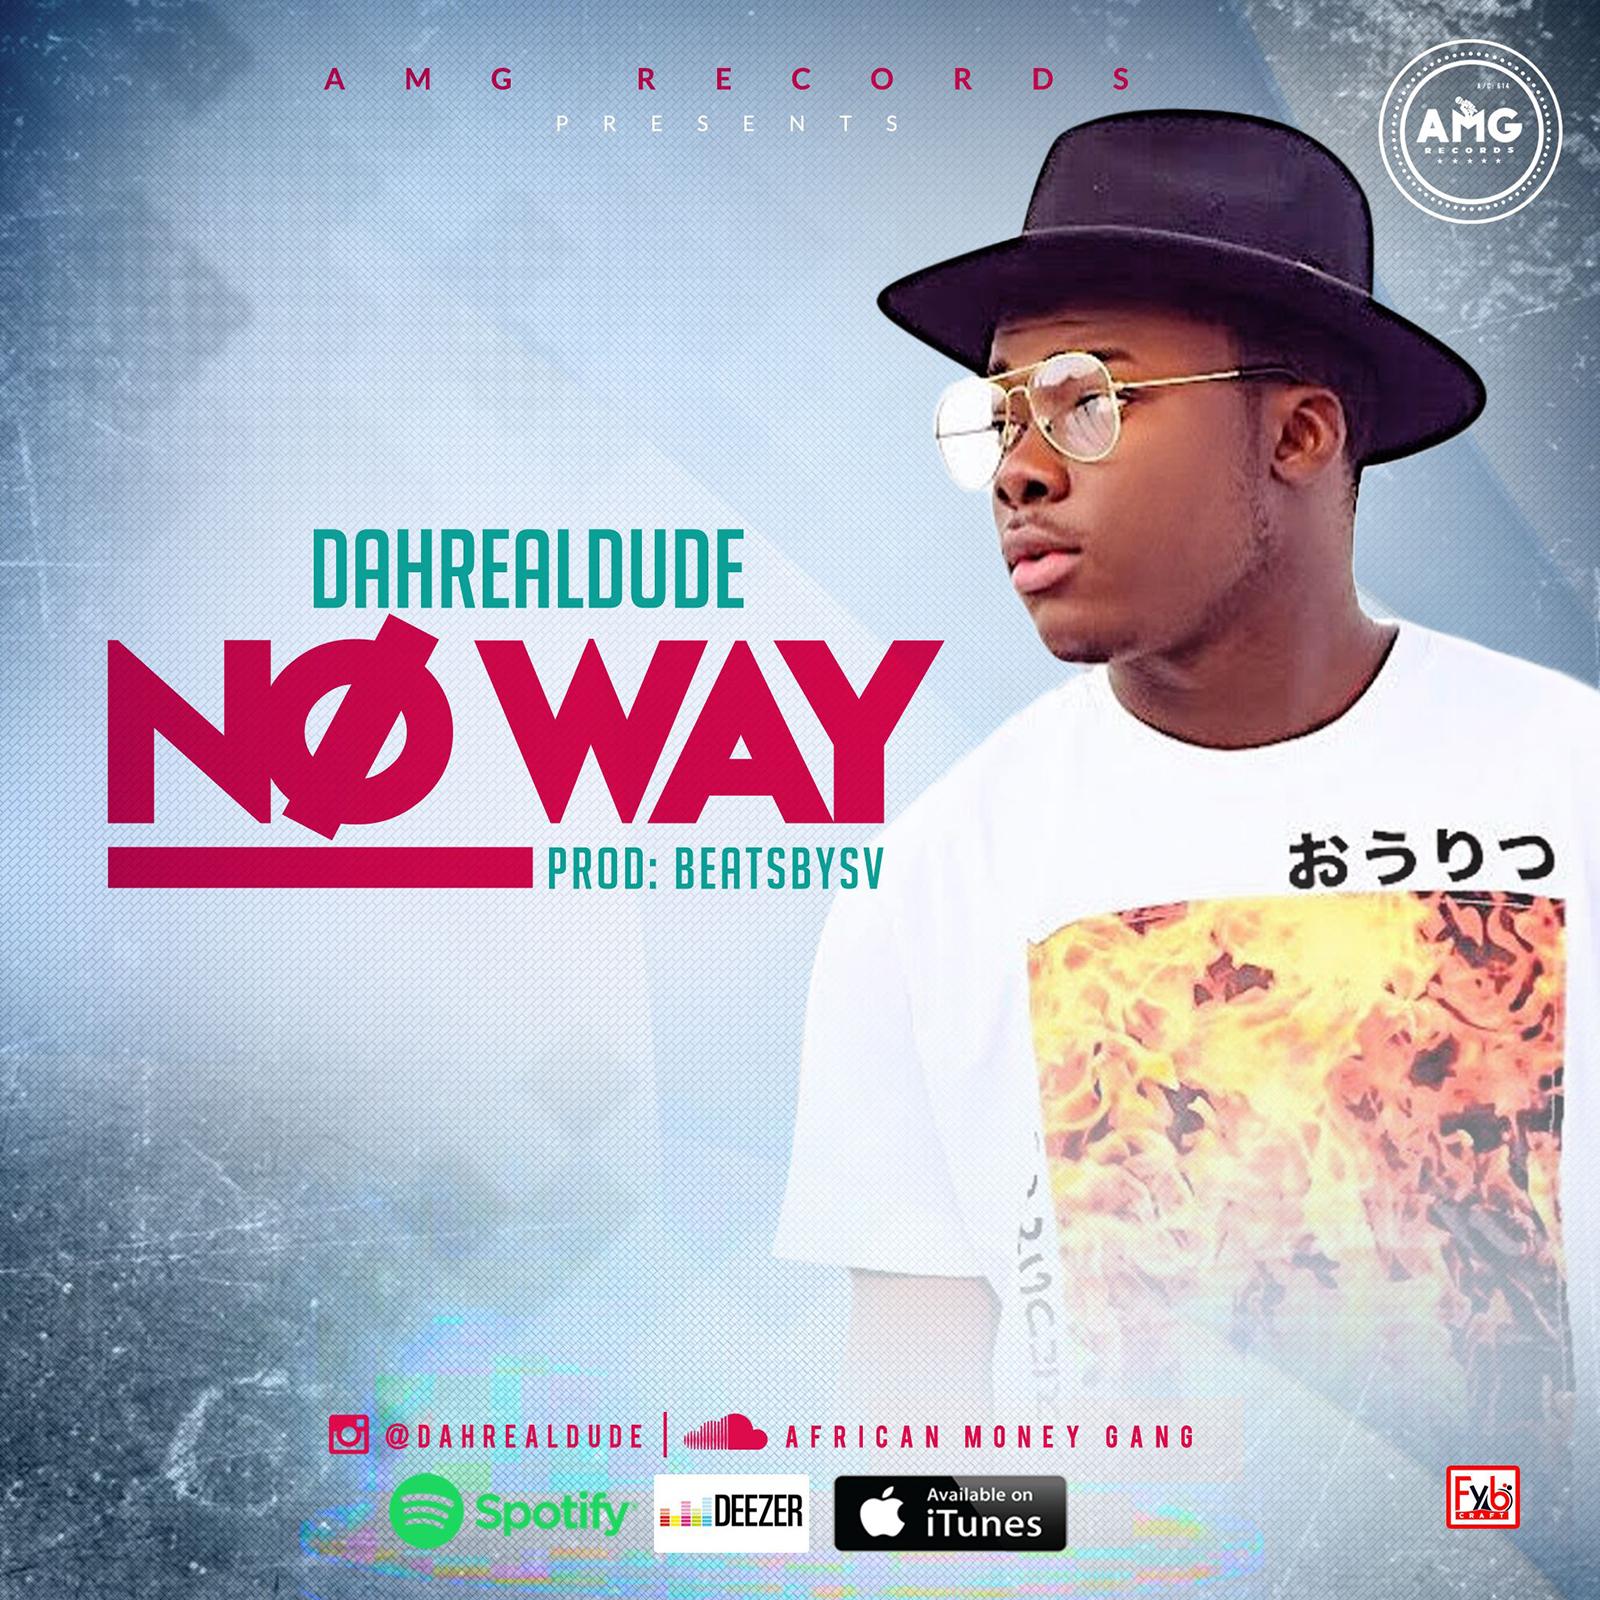 No Way by Dahrealdude